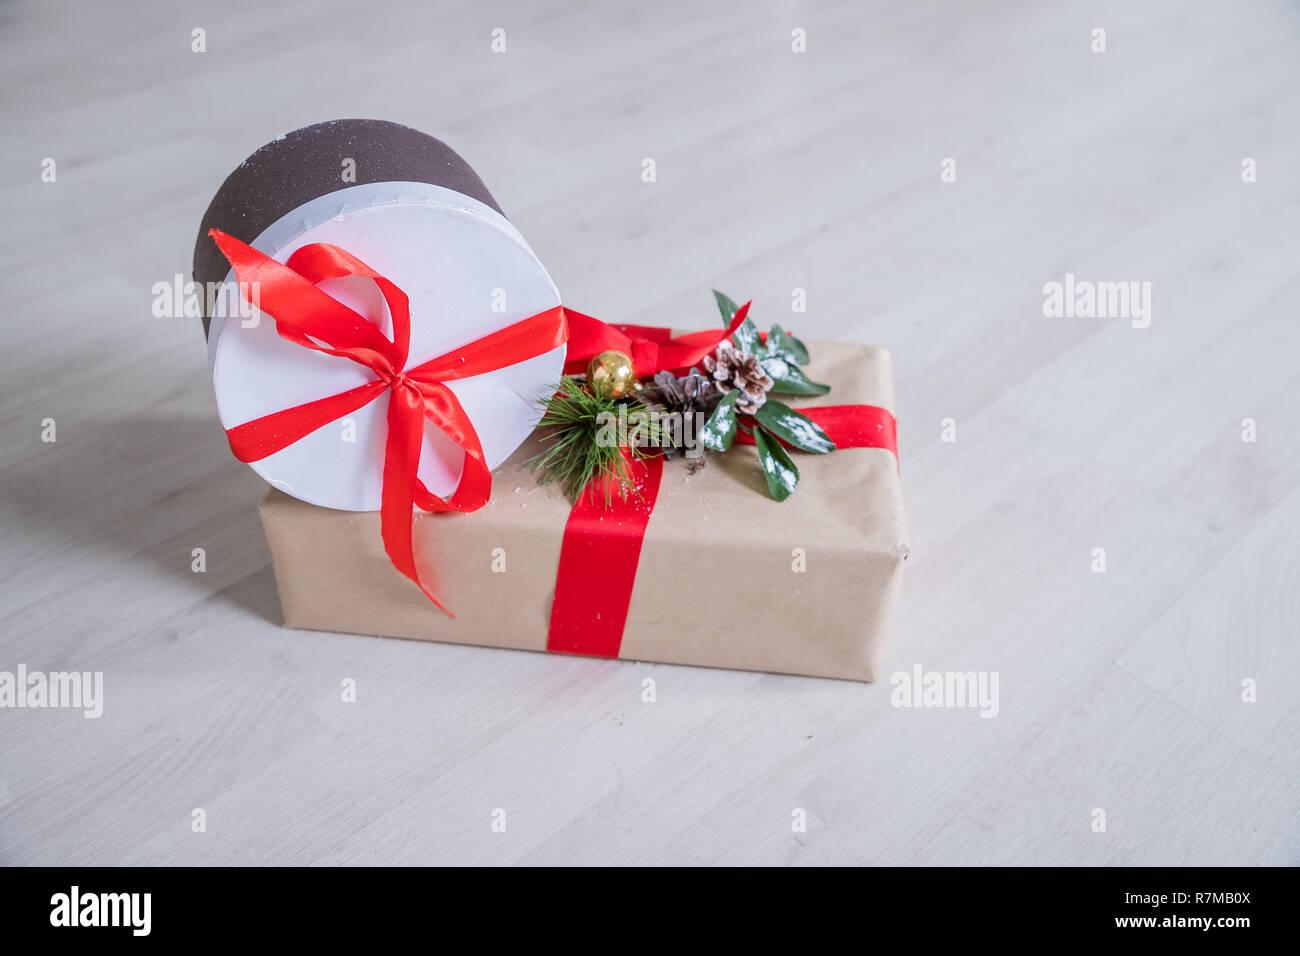 Andere Weihnachtsgeschenke.Weihnachtsgeschenke Und Ornamente Auf Holz Hintergrund Verpackte